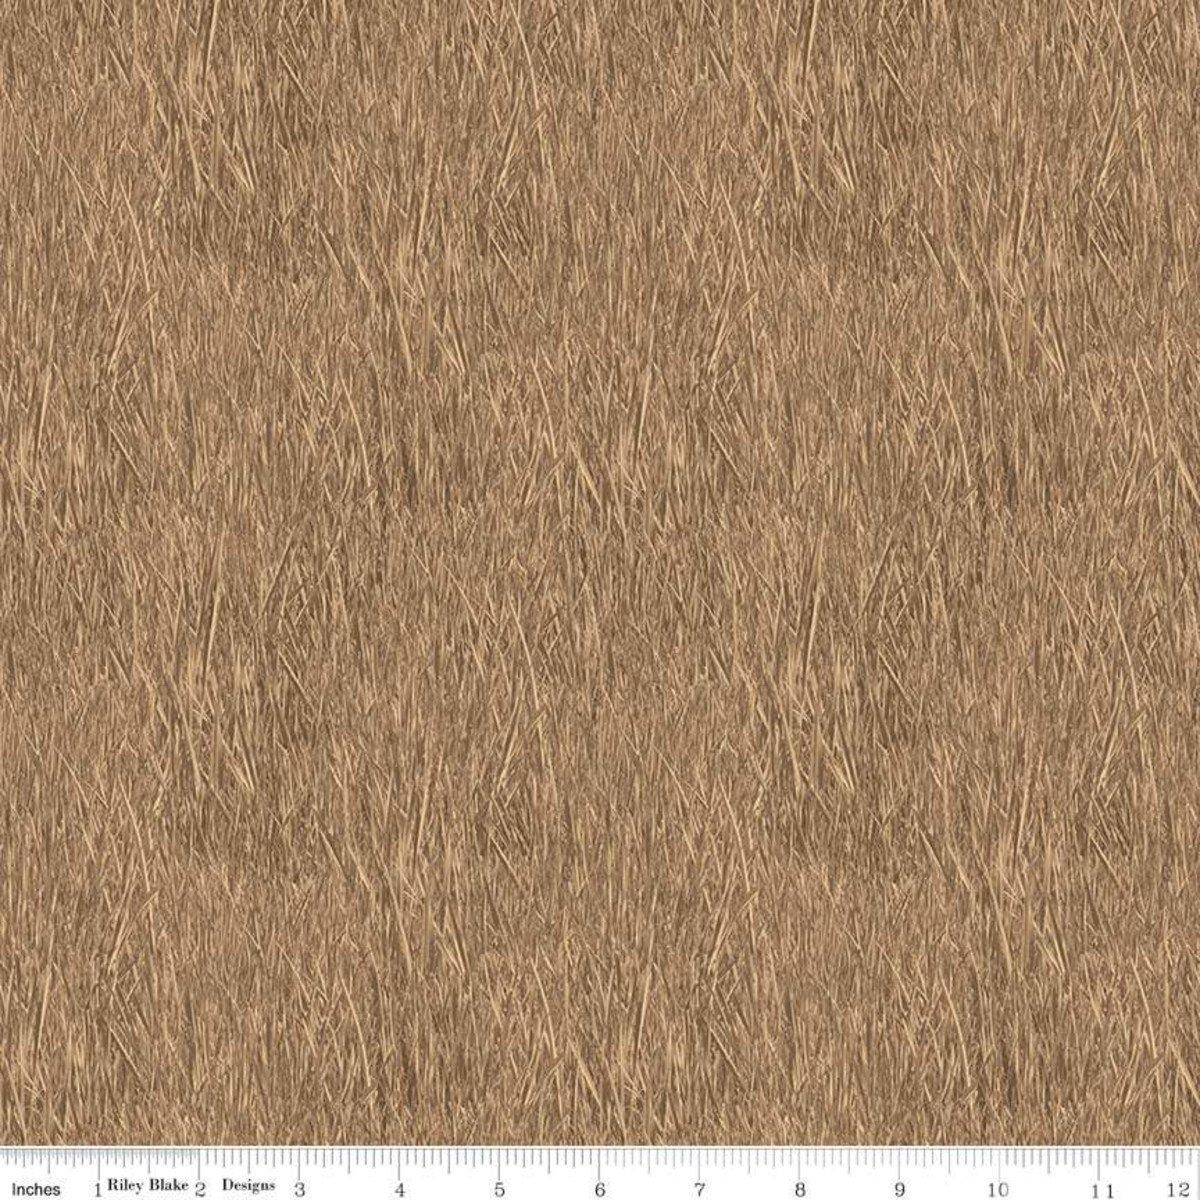 Tan Reeds - Fish and Fowl - C8730-TAN